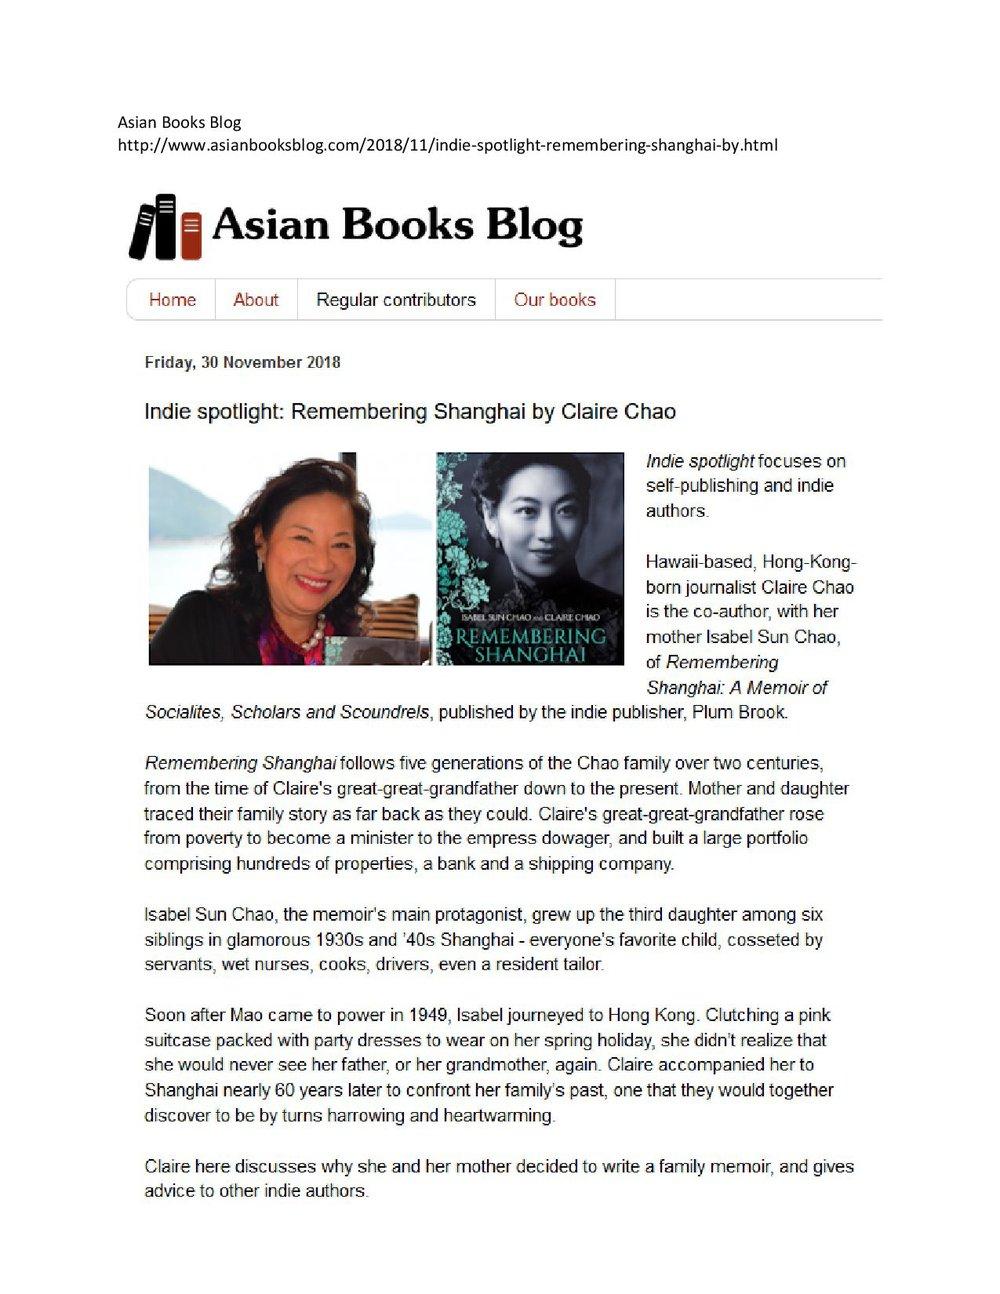 Asian Books Blog, November 2019